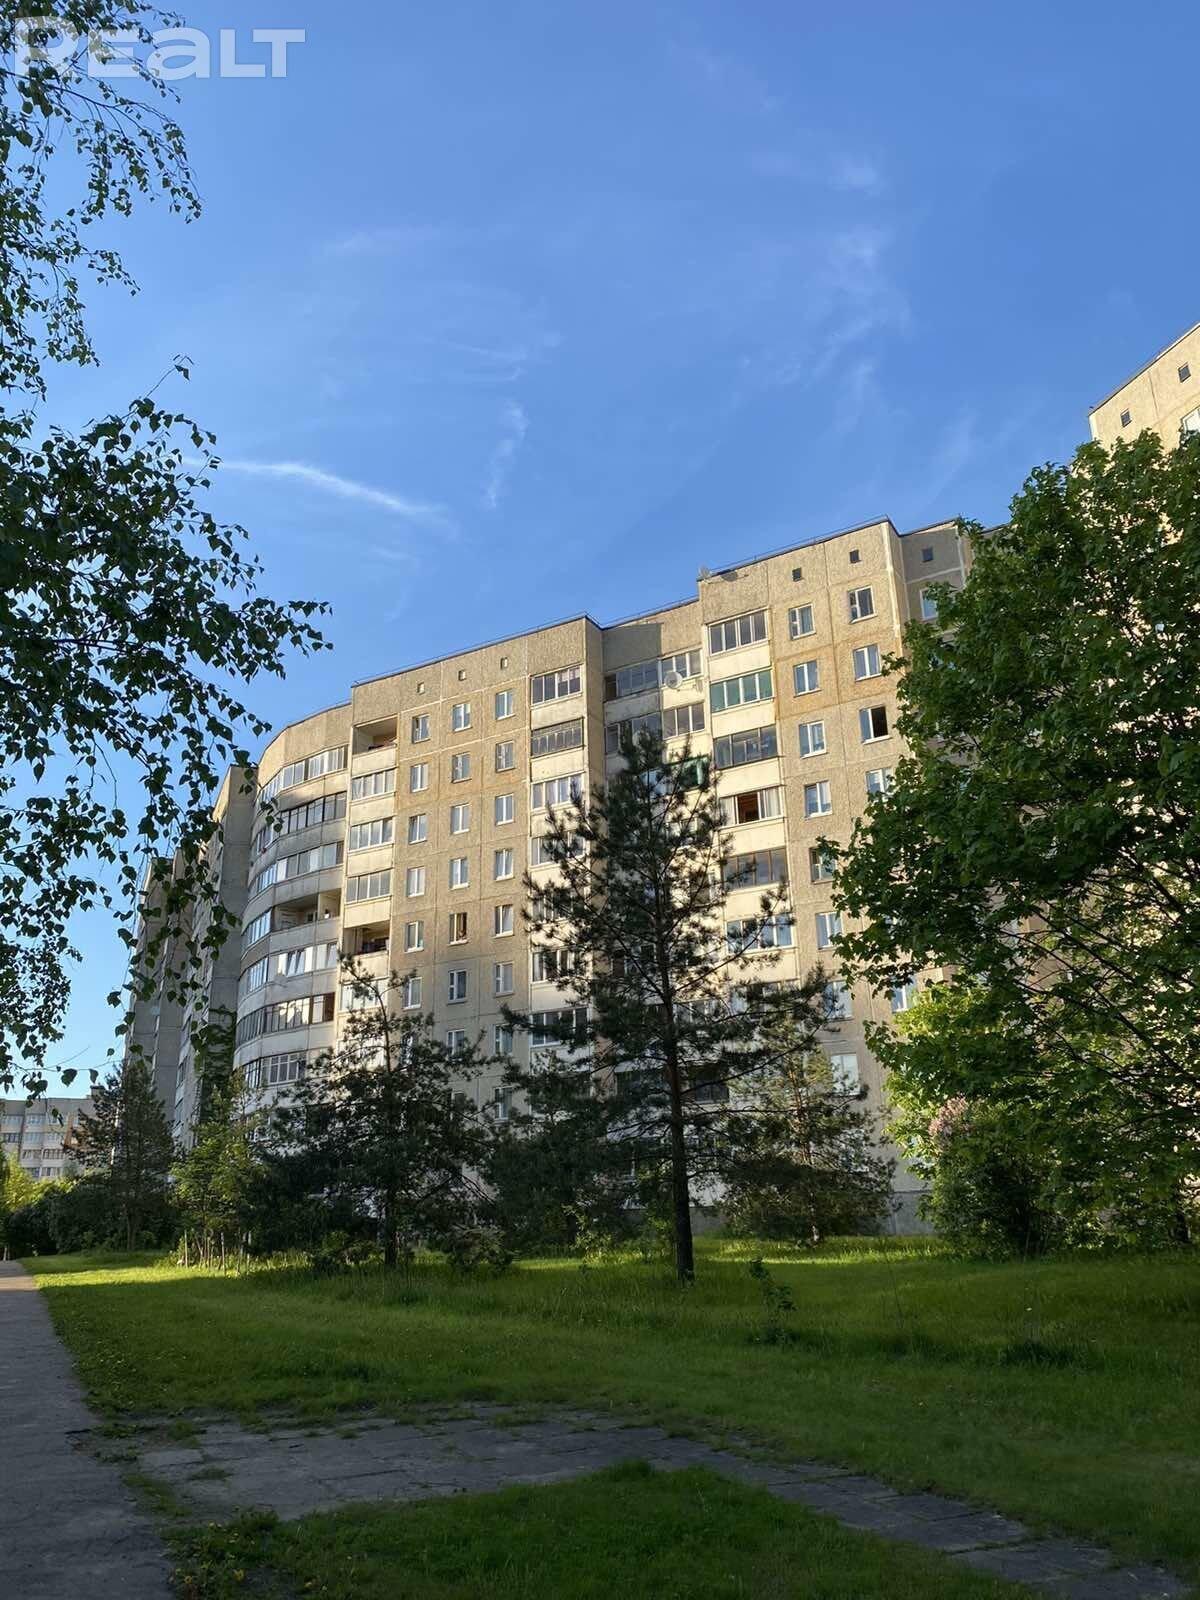 Продажа 3-х комнатной квартиры в г. Минске, ул. Руссиянова, дом 32-2 (р-н Уручье). Цена 174 960 руб c торгом